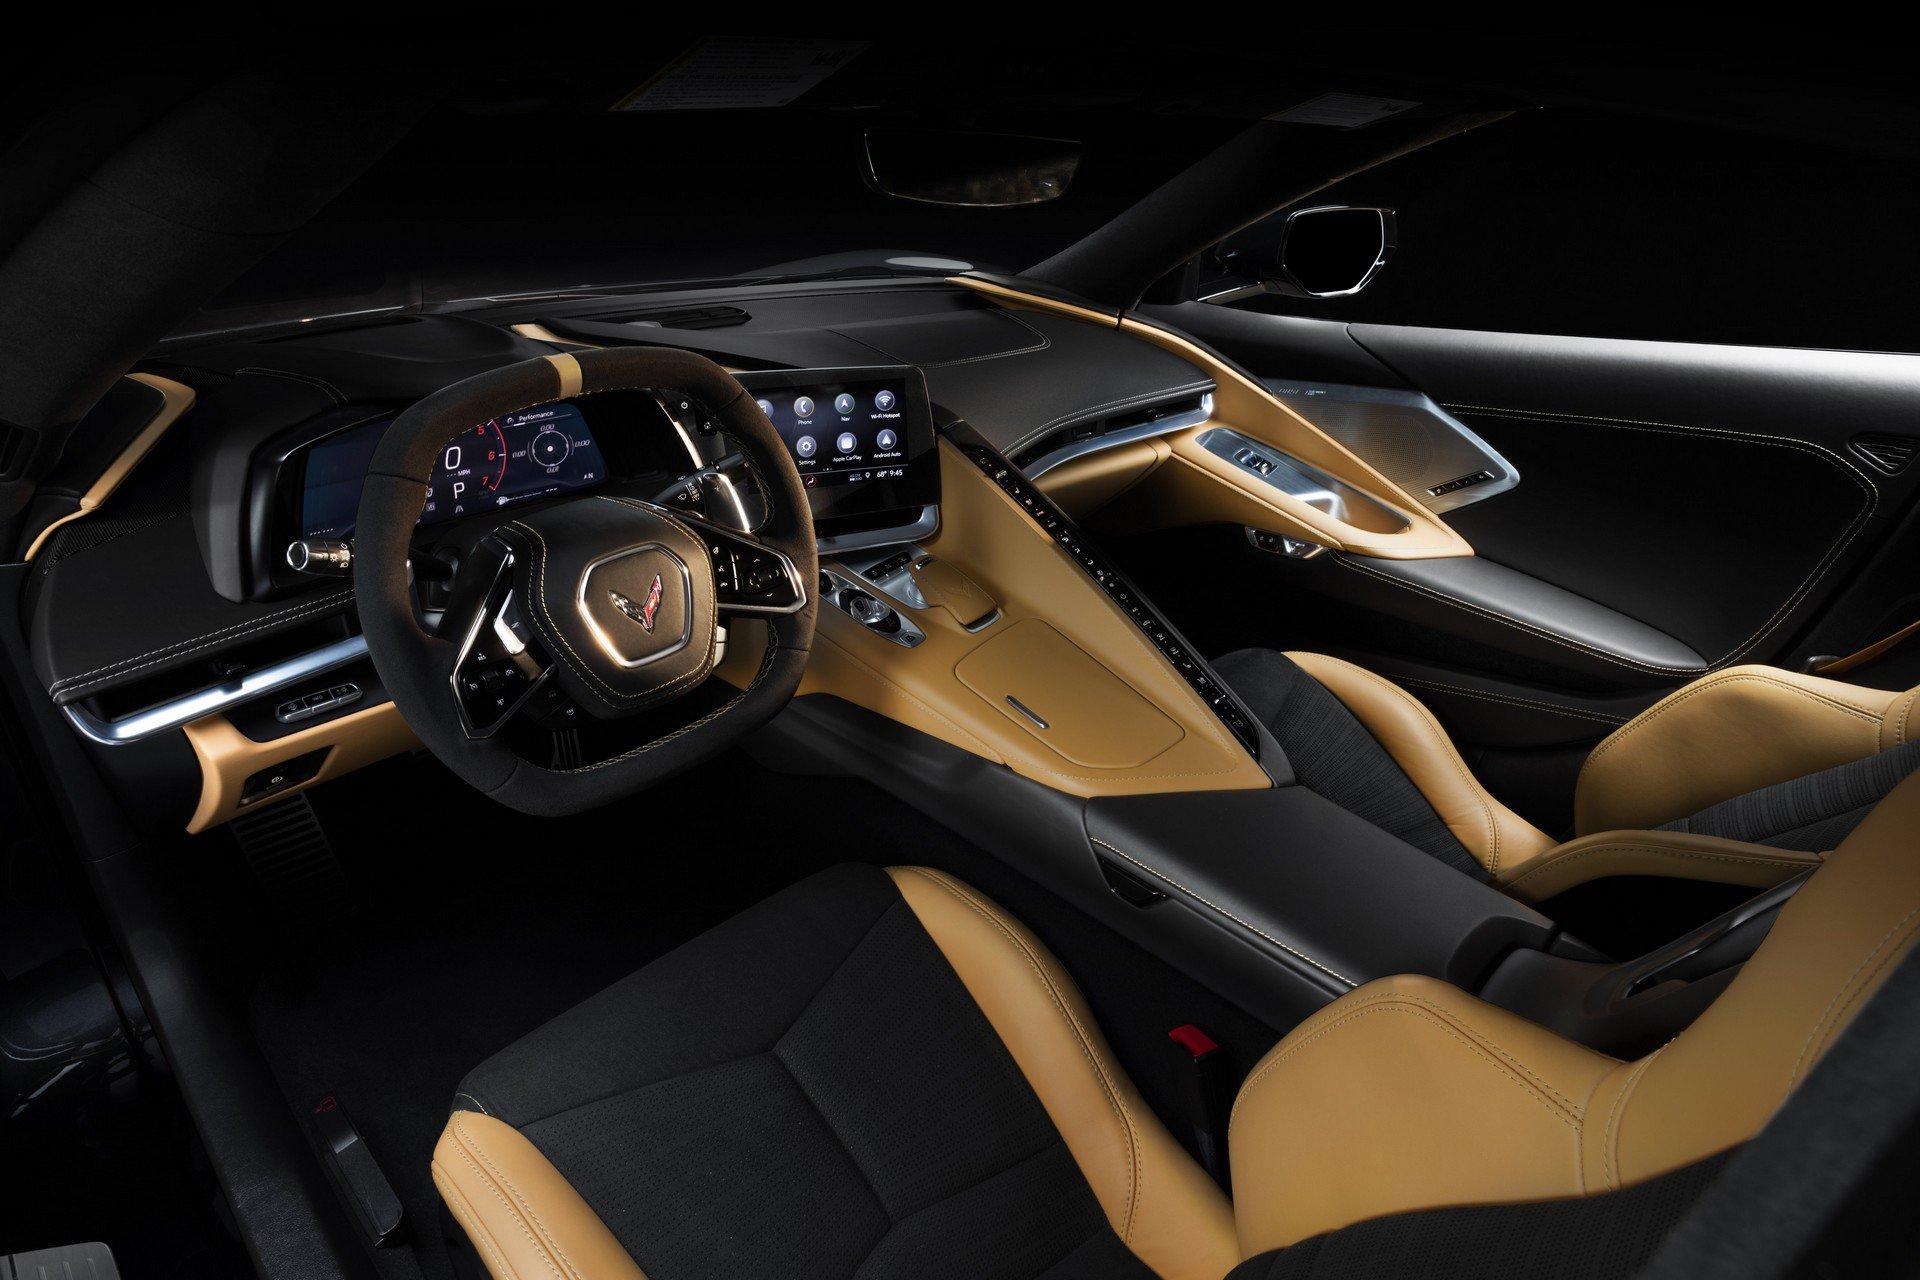 Chevrolet ra mắt Corvette C8 thế hệ mới thiết kế táo bạo, động cơ đặt giữa - 30